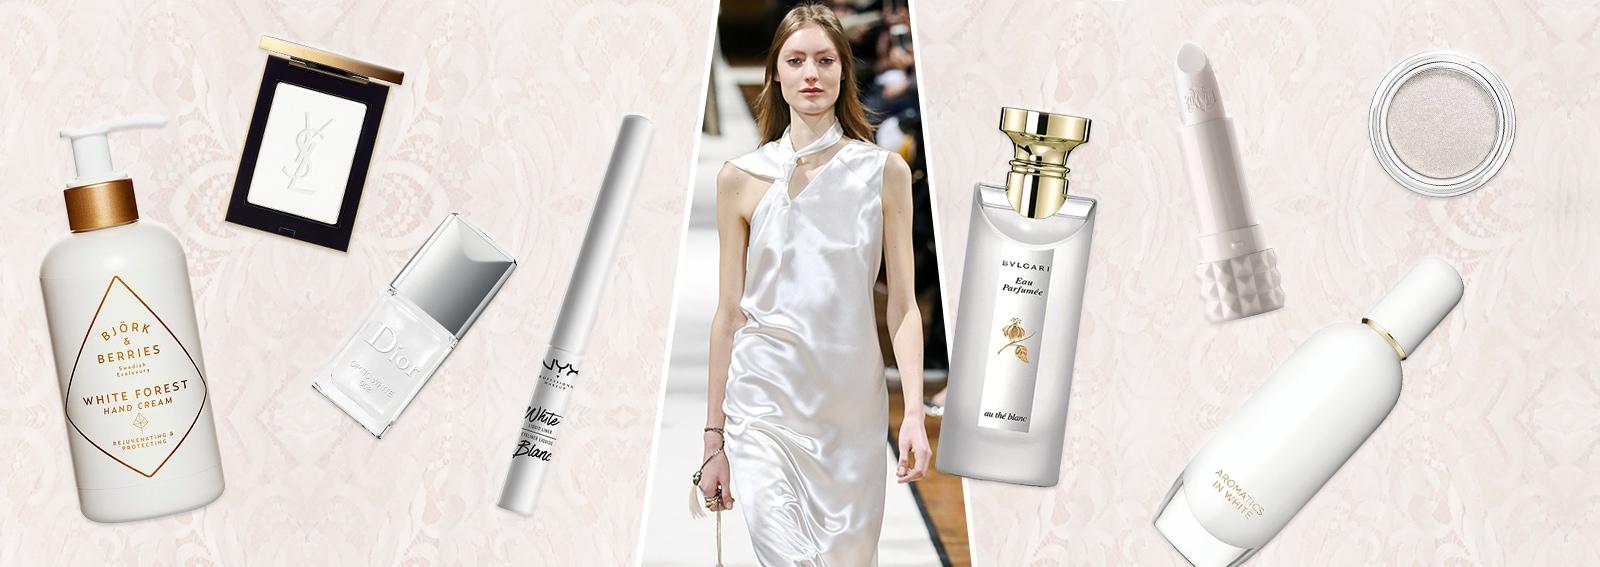 prodotti di bellezza bianchi DESKTOP_prodotti_bianchi